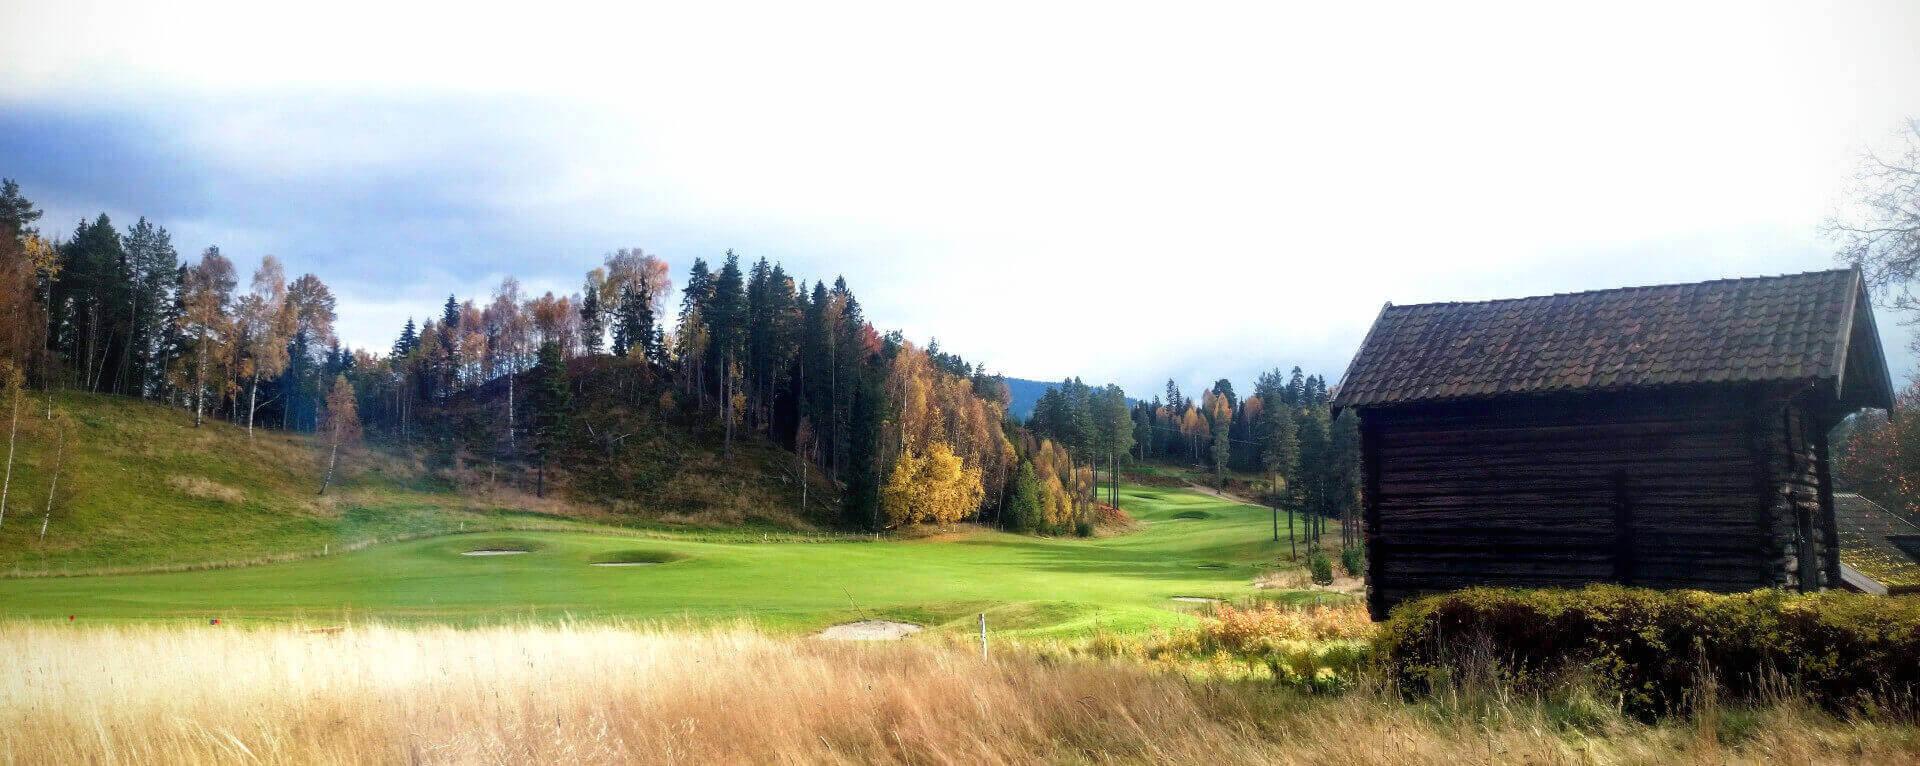 Kongsberg Golfklubb